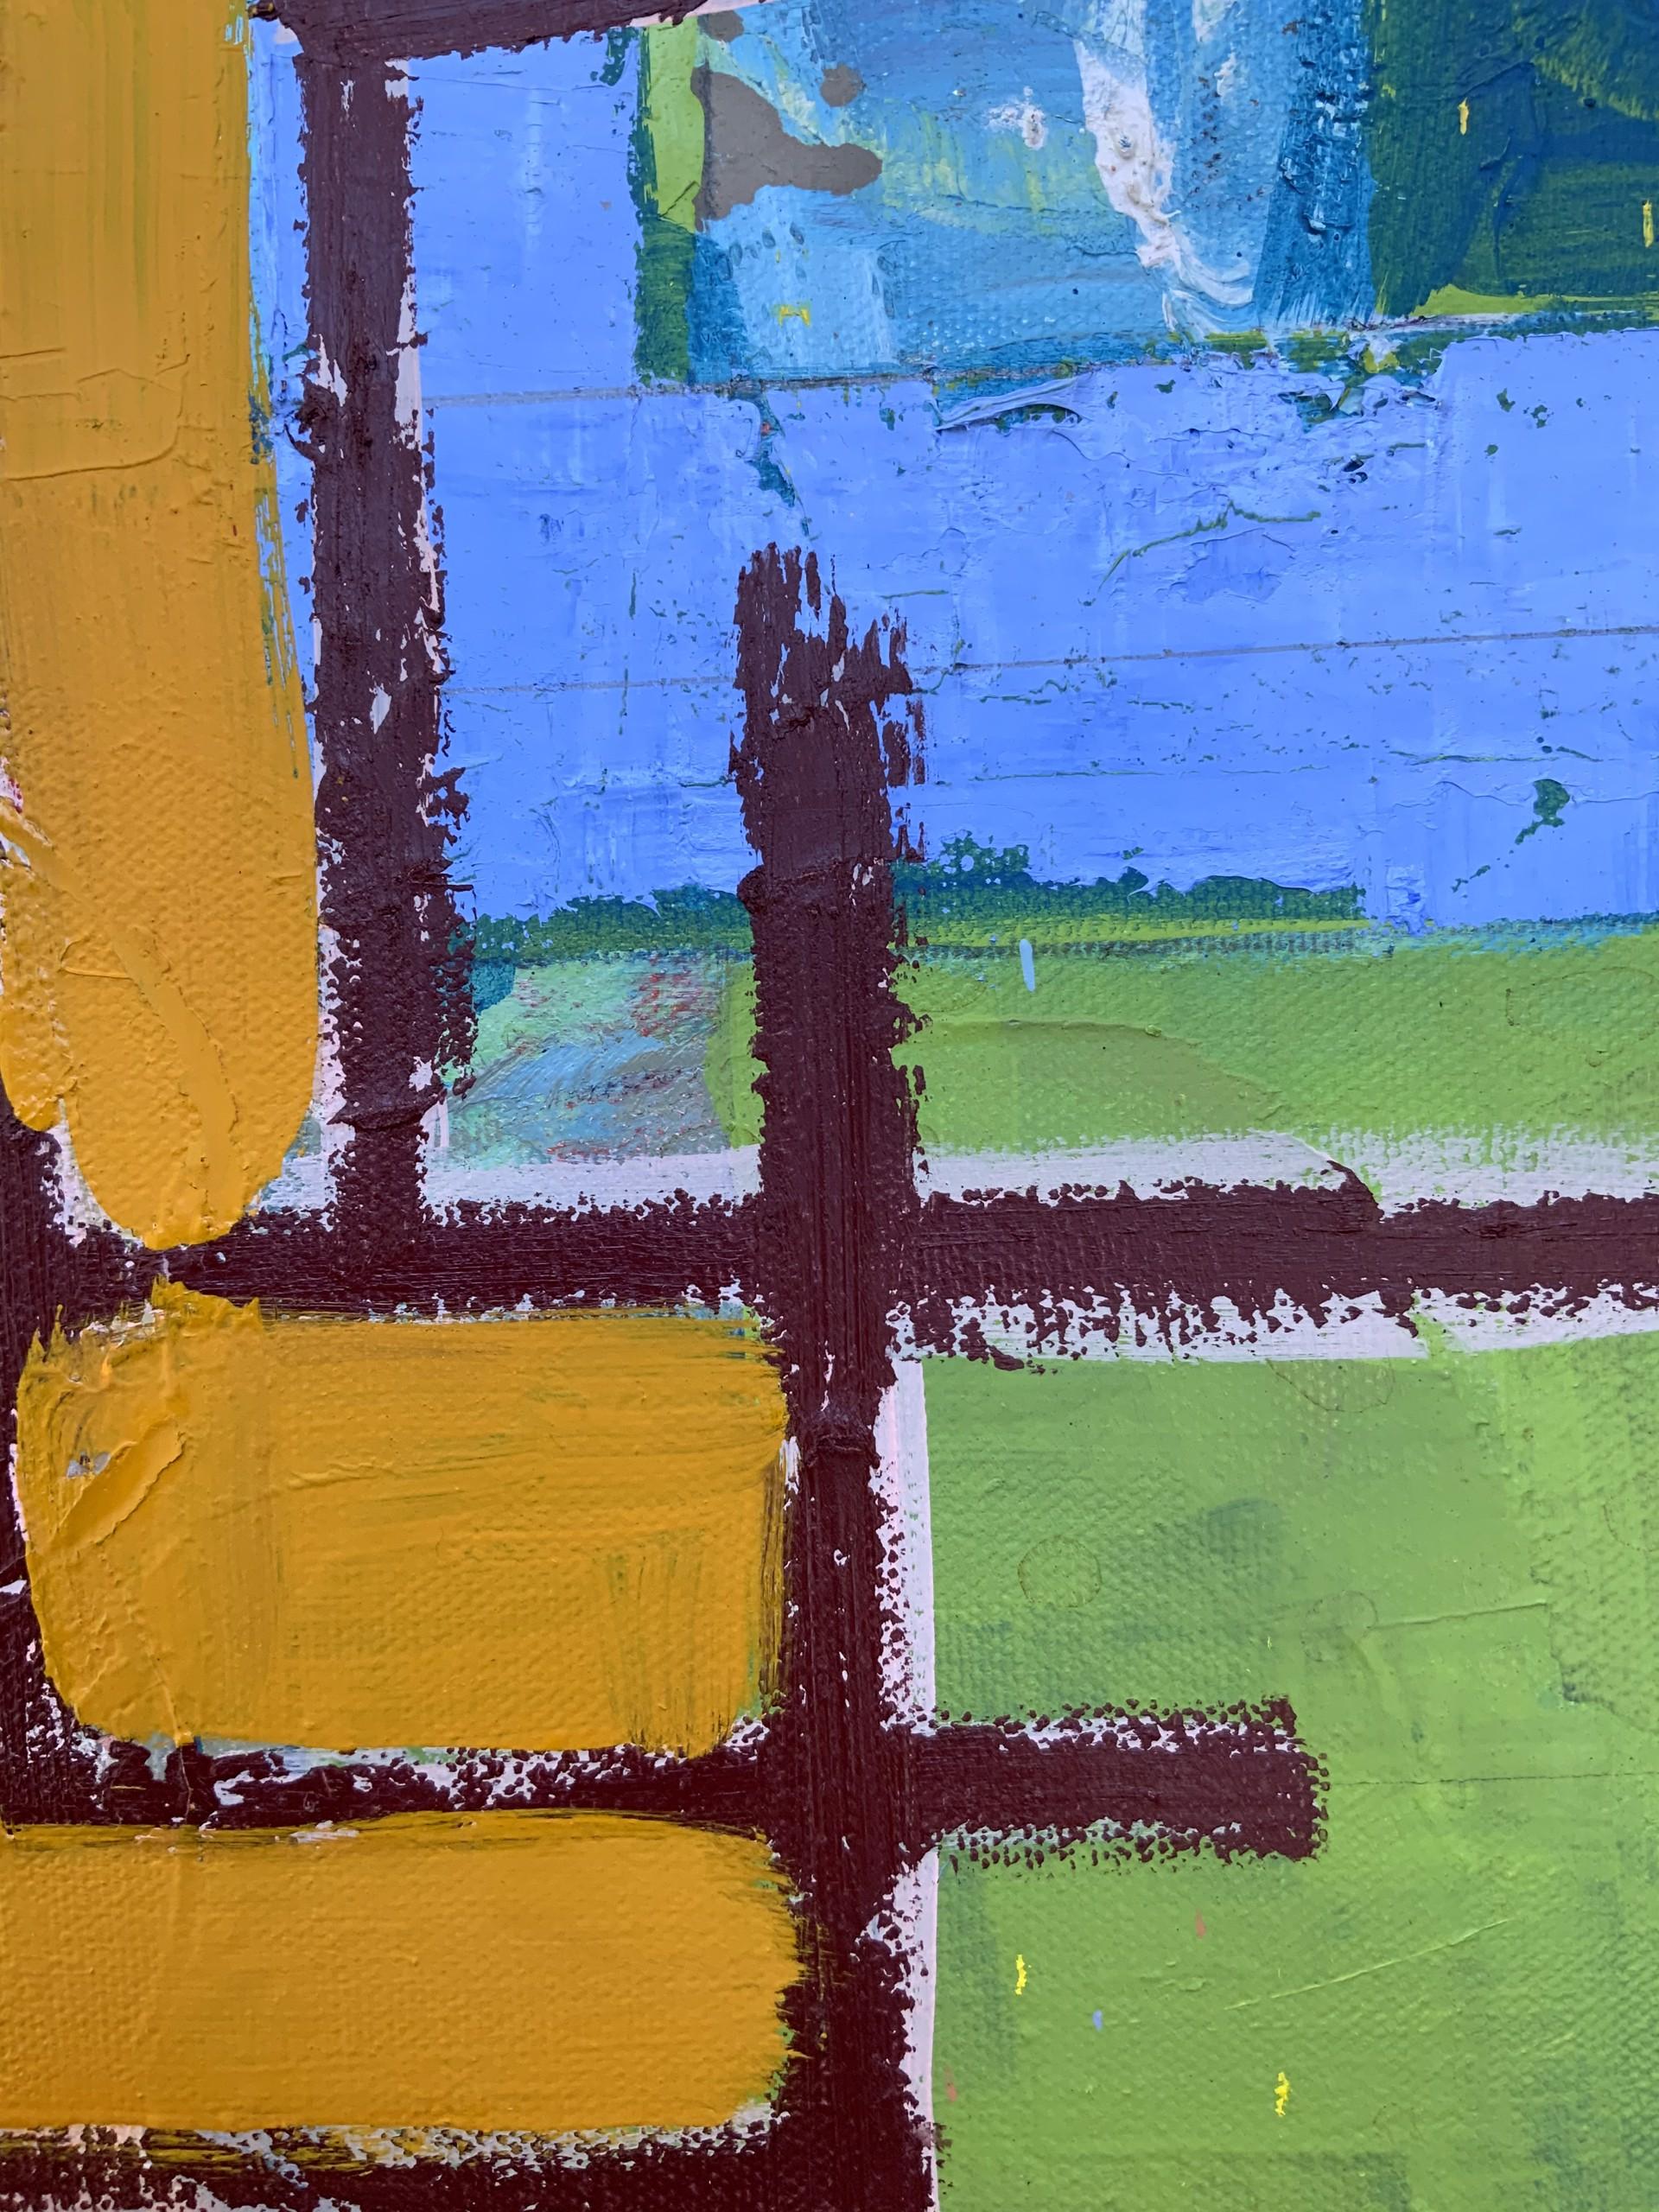 3 Crosses by stevenpage prewitt